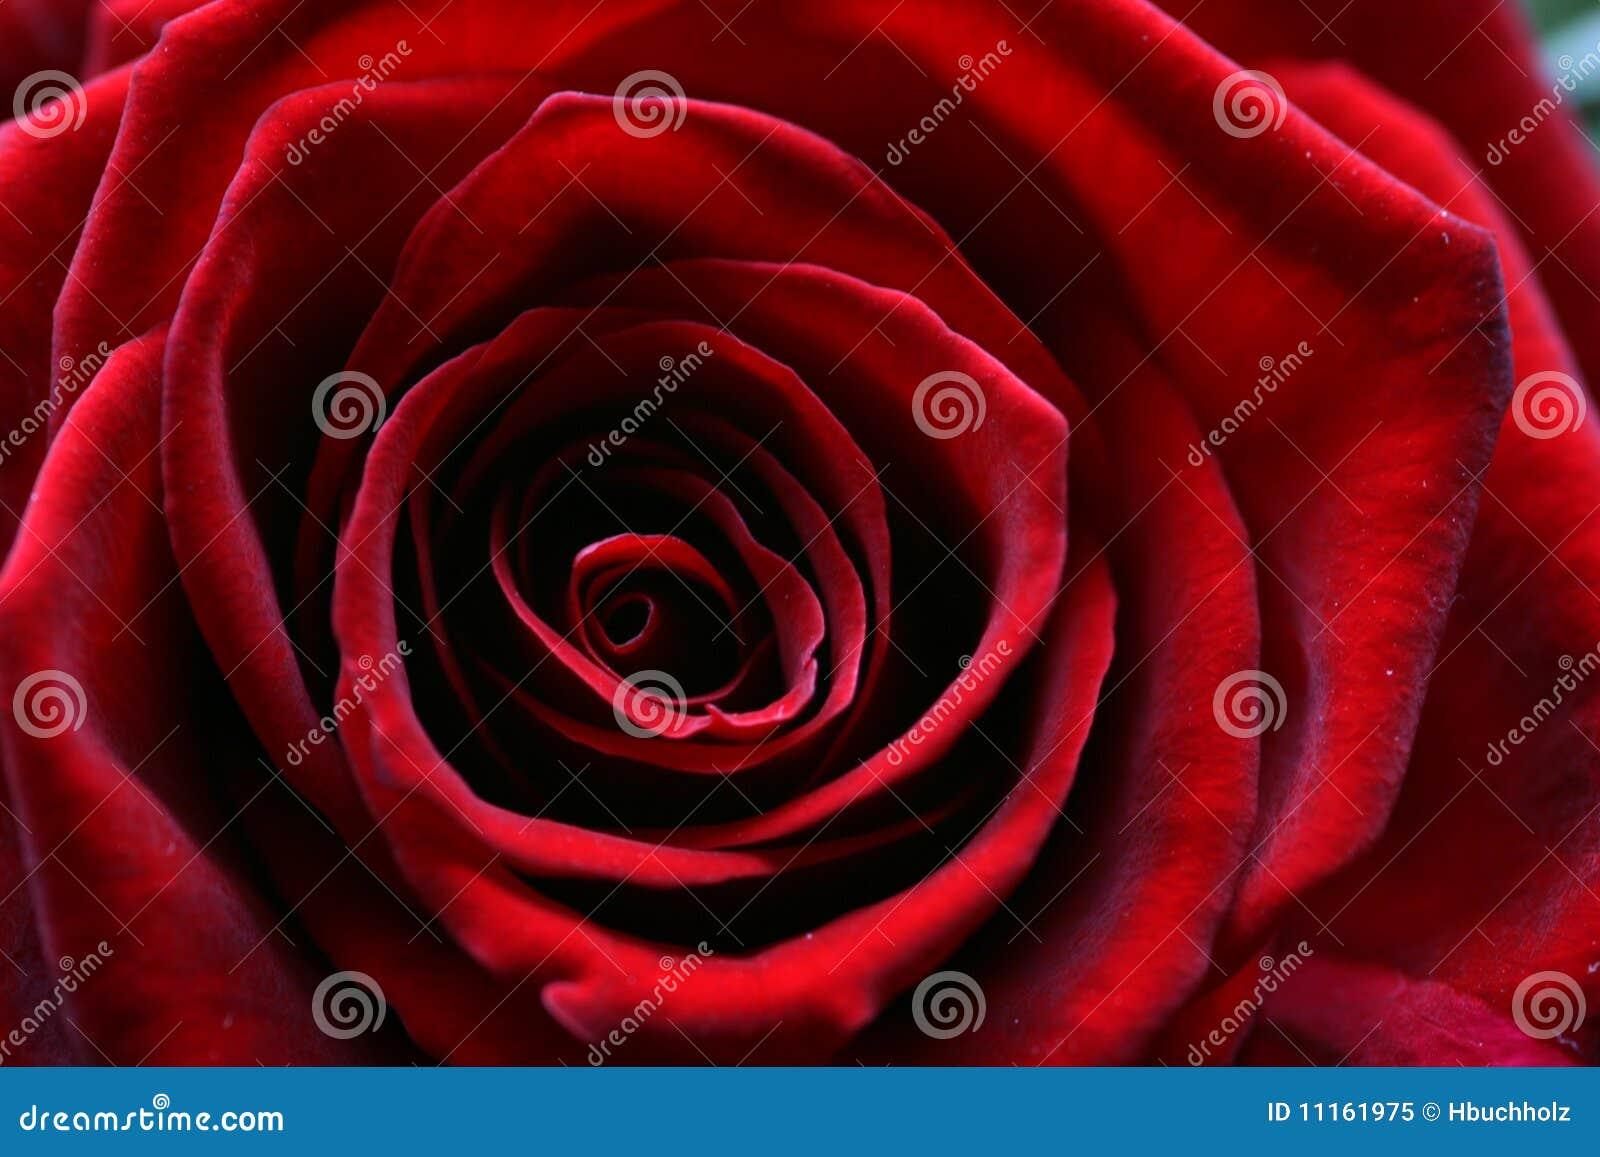 För bildmakroen för blom steg mörk full red